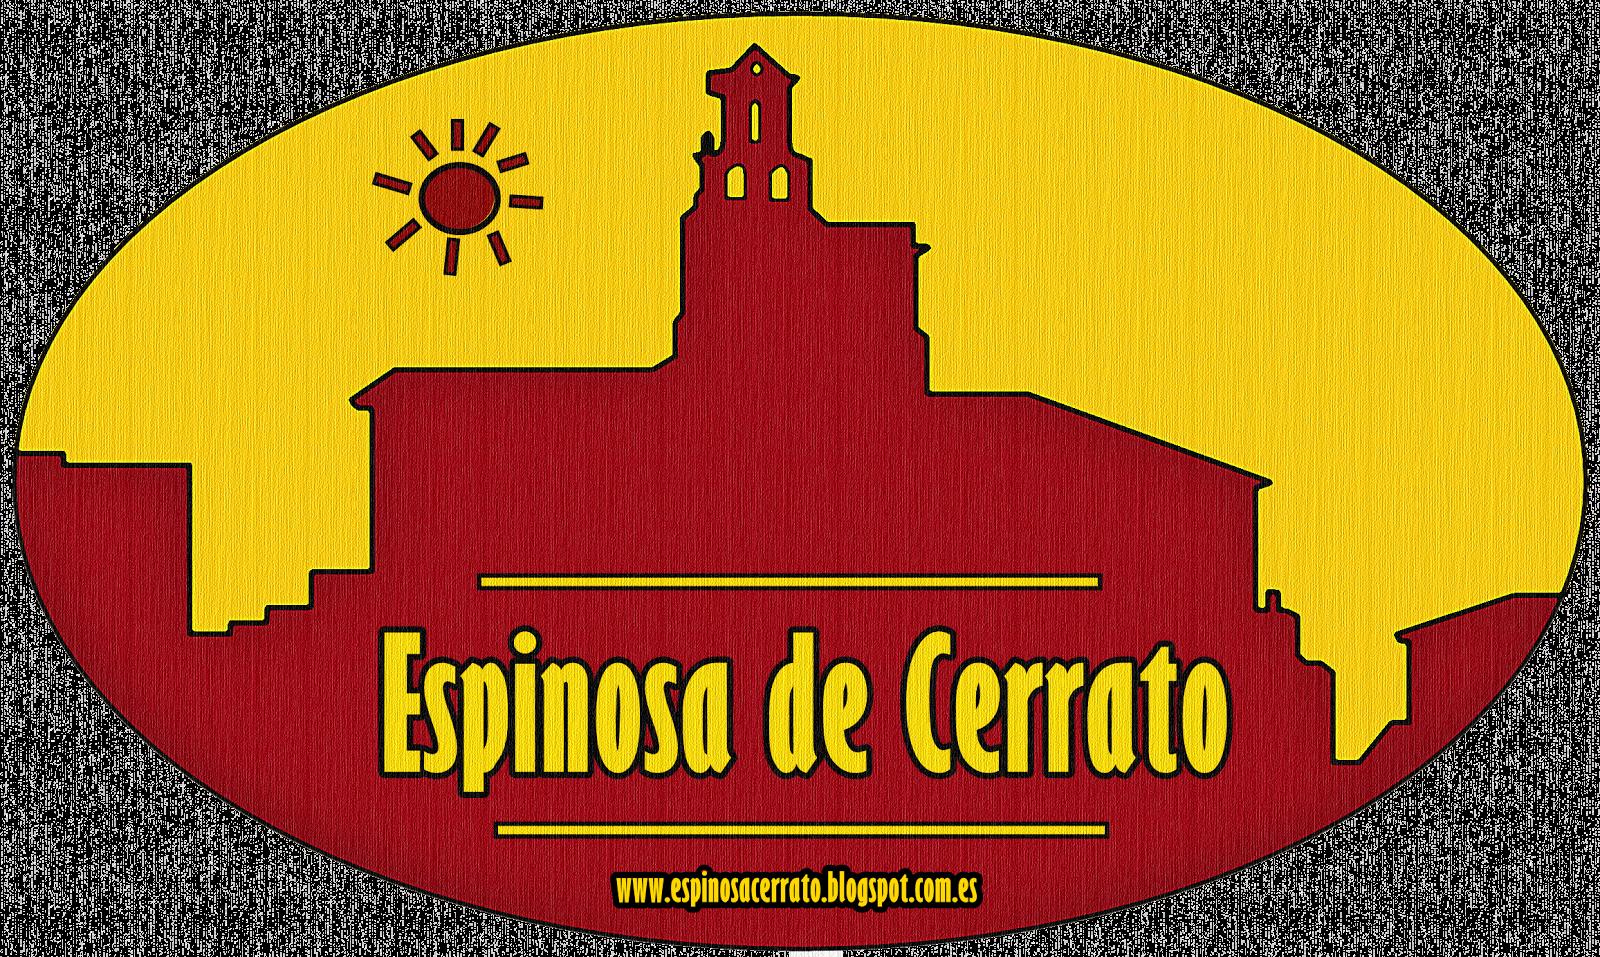 Espinosa de Cerrato (Palencia)